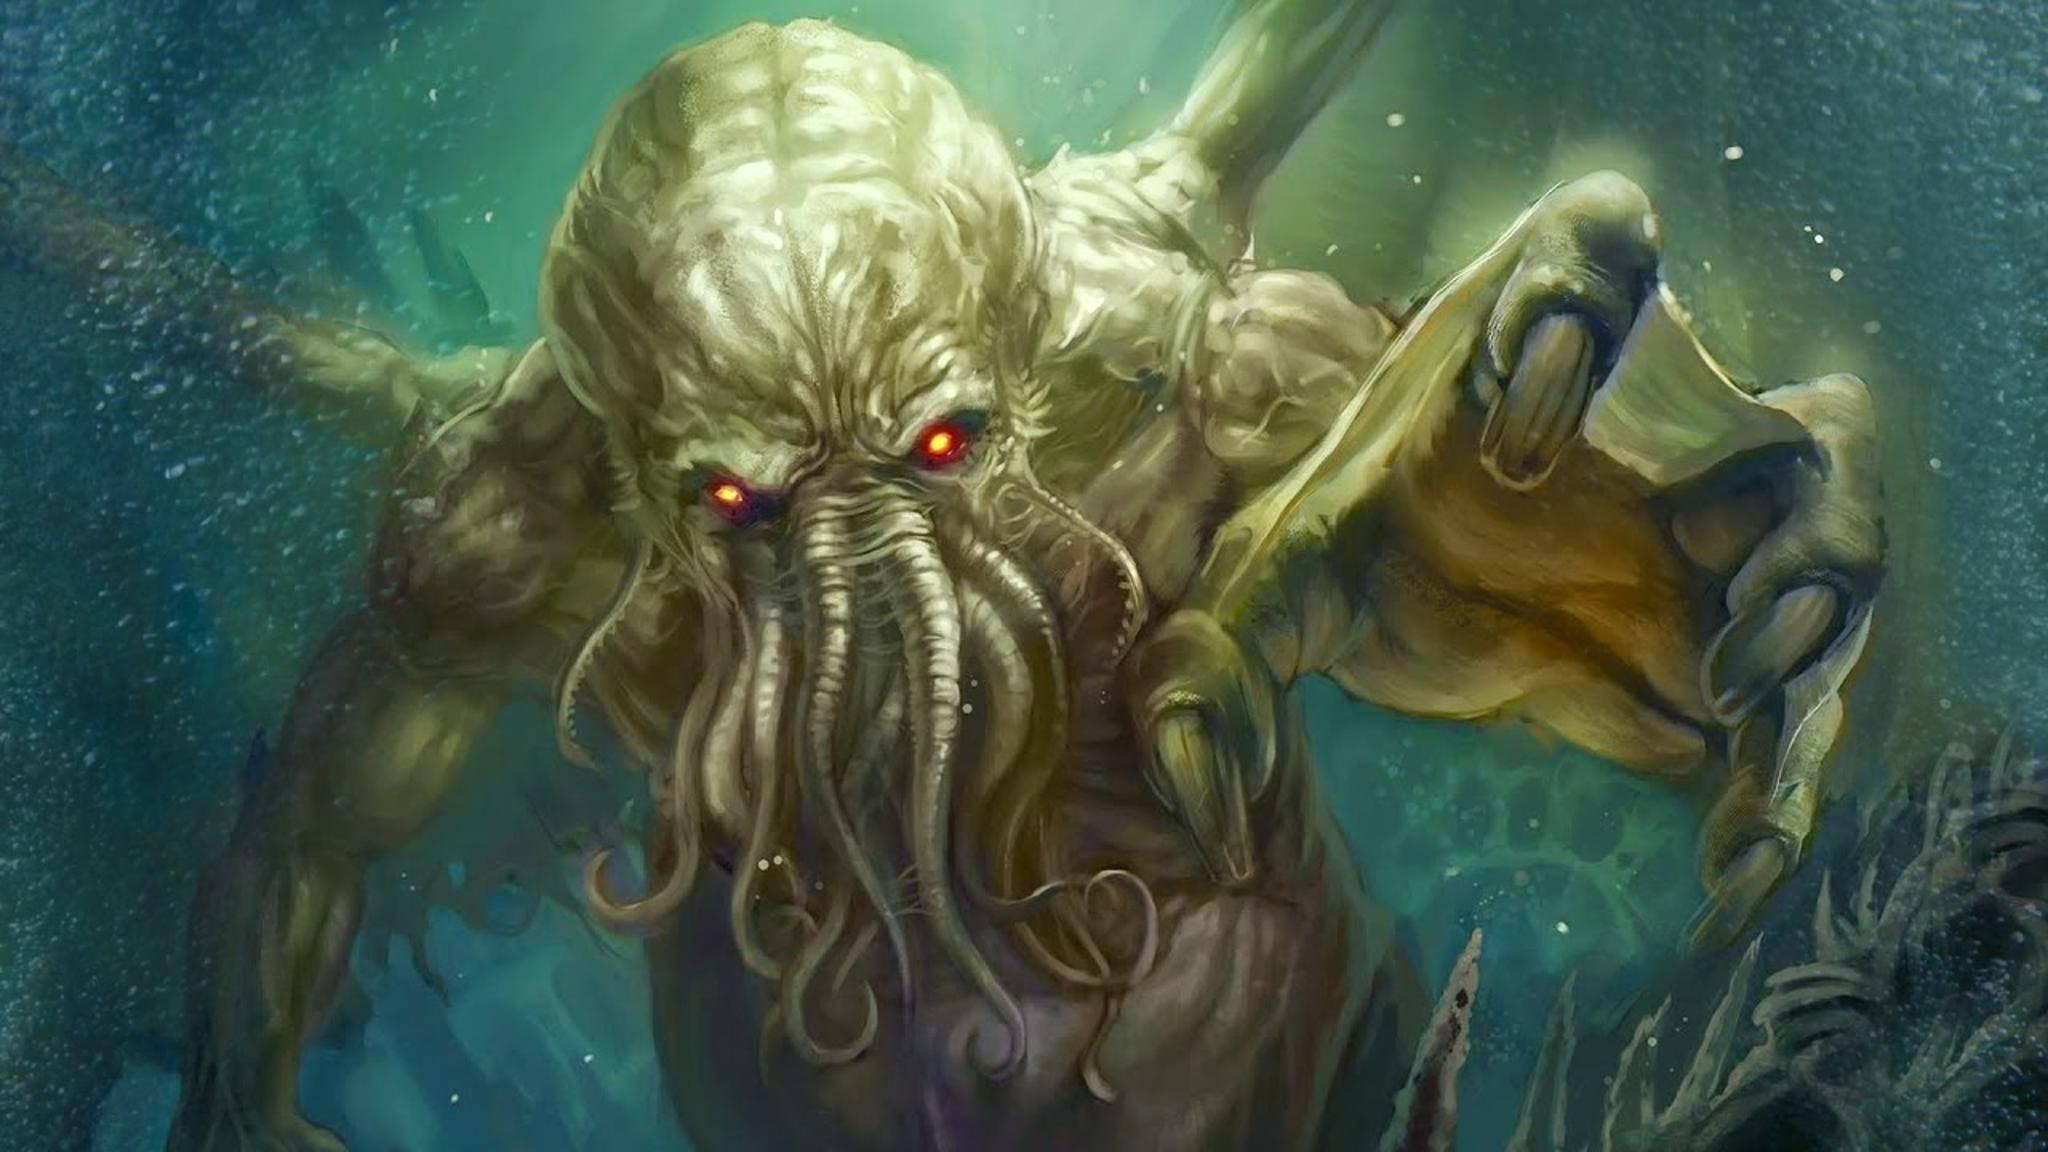 Der Große Cthulhu ist sauer – wann gibt's endlich mal wieder ein wirklich gutes Lovecraft-Spiel...?